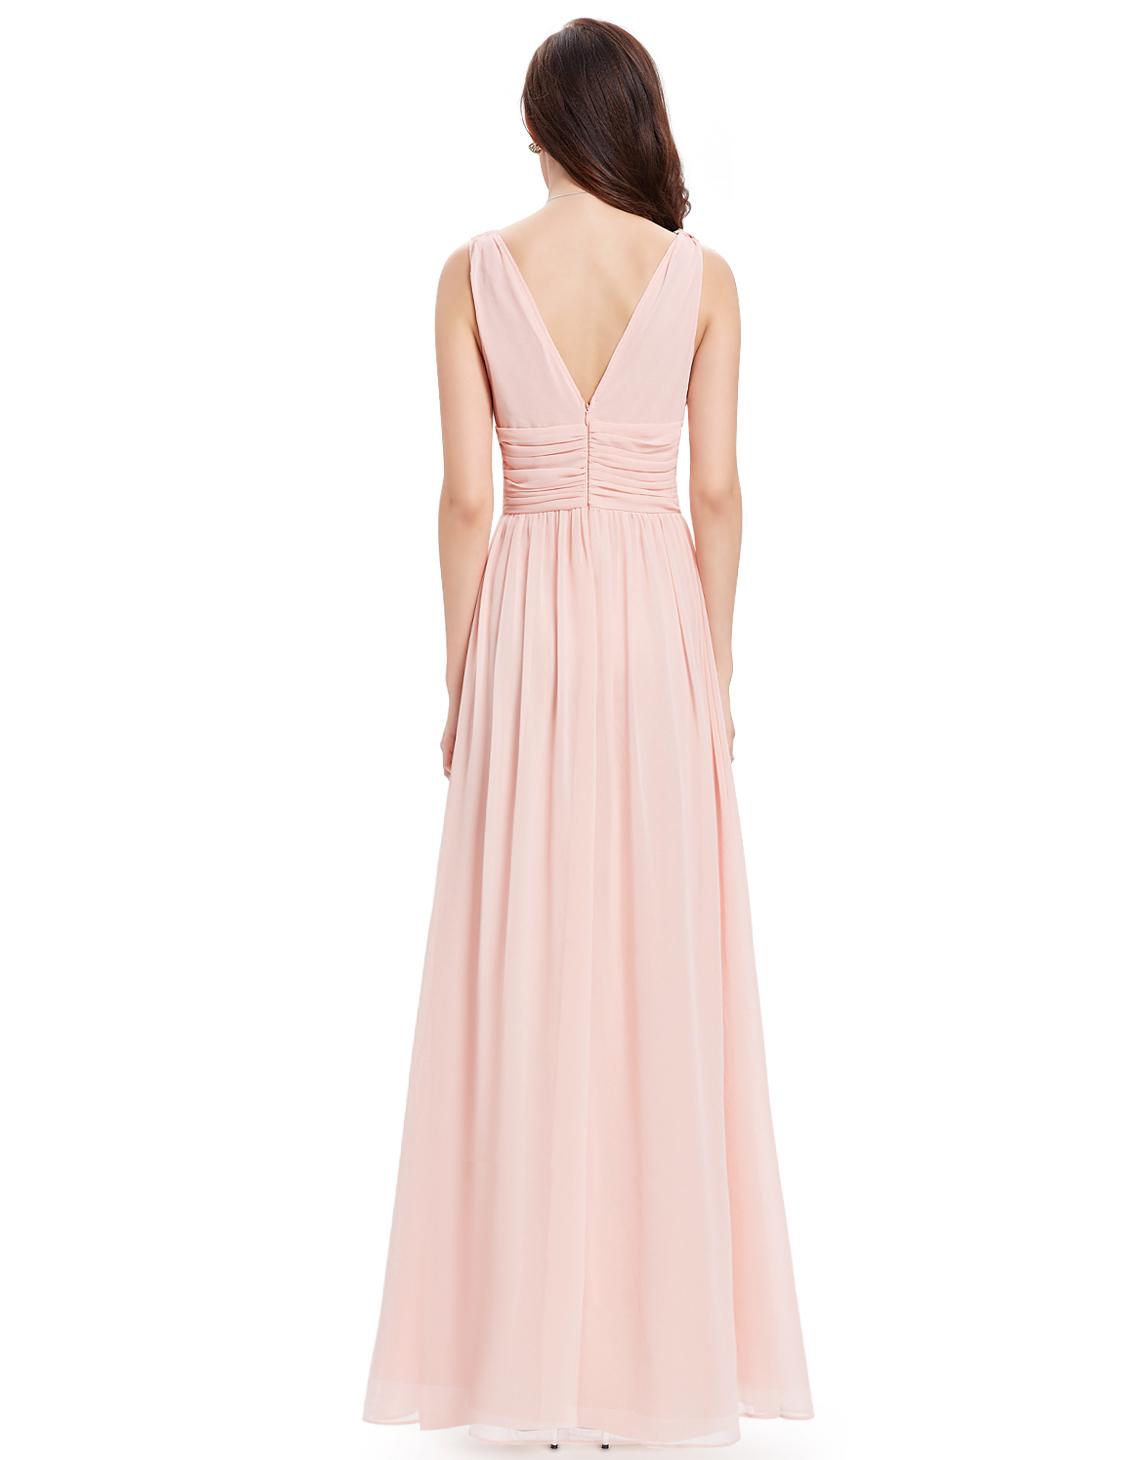 Kompletní specifikace · Související zboží (0) · Parametry. Nádherné dlouhé  společenské šaty ... df5ad9b50c5